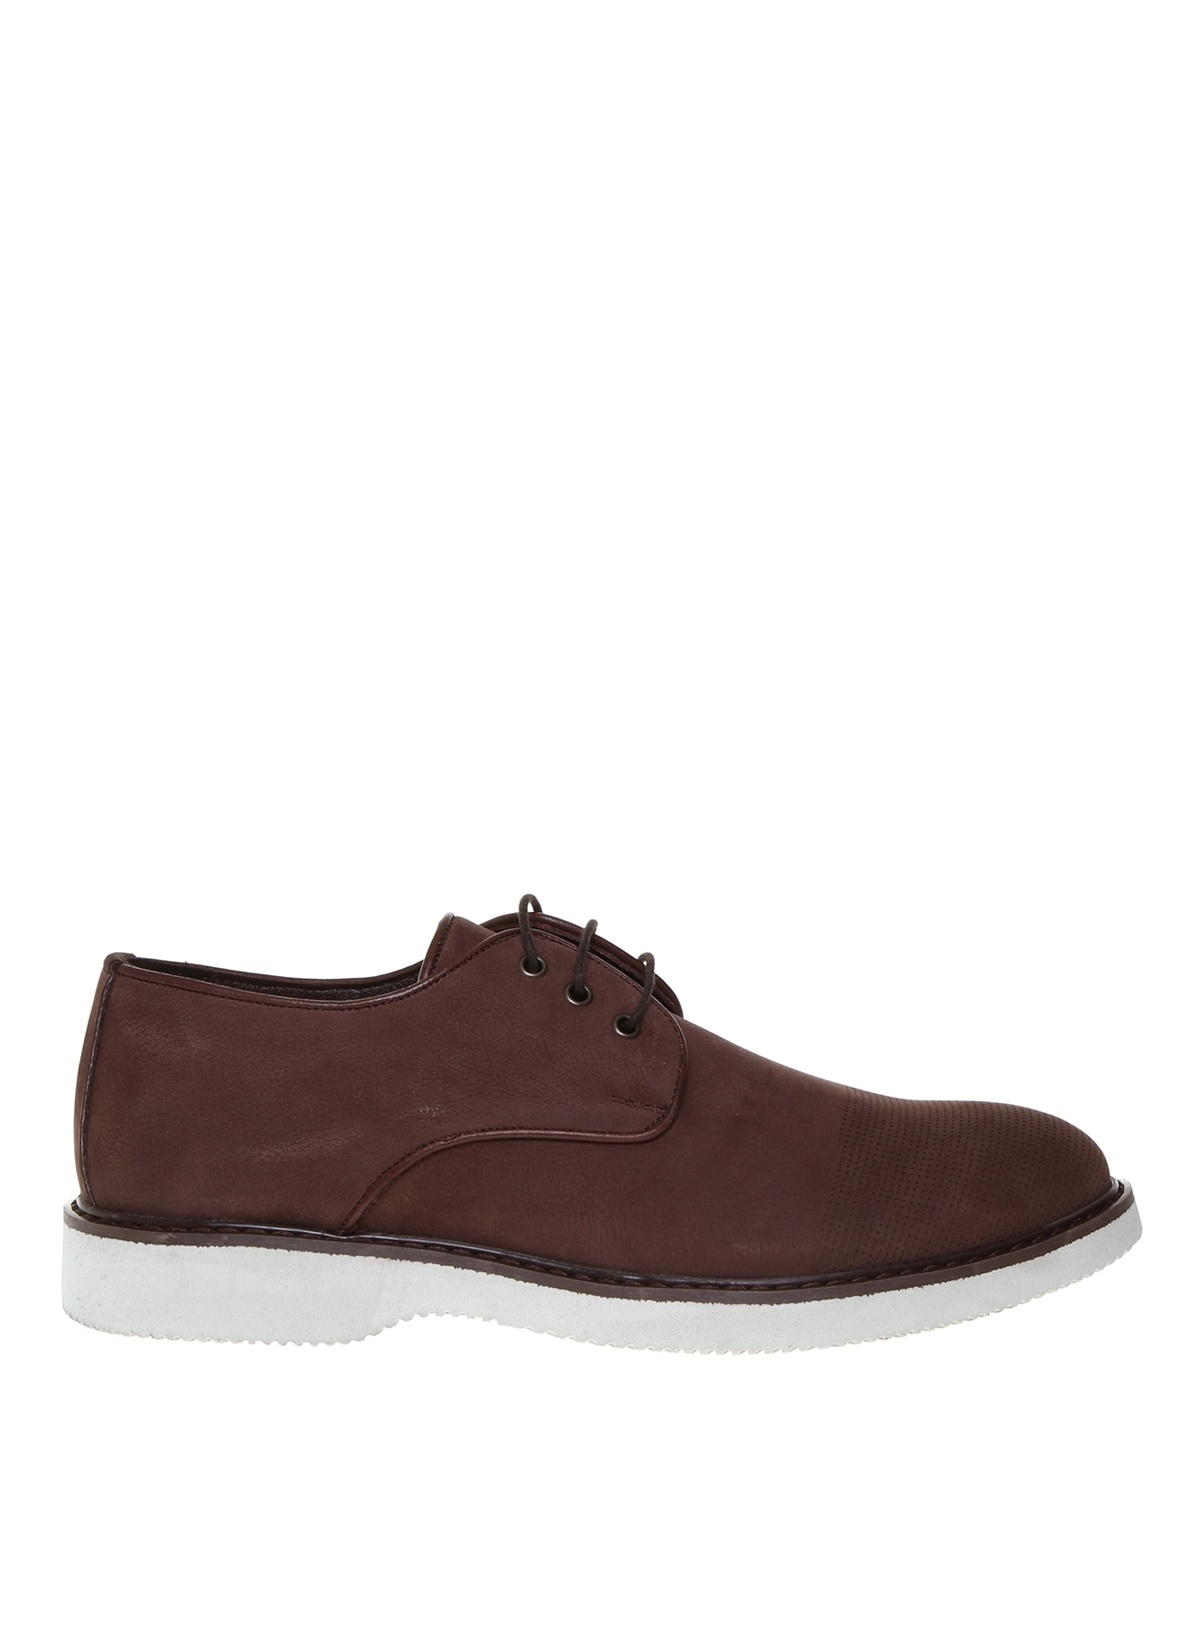 Fabrika Ayakkabı 18-avon Ayakkabı – 99.99 TL